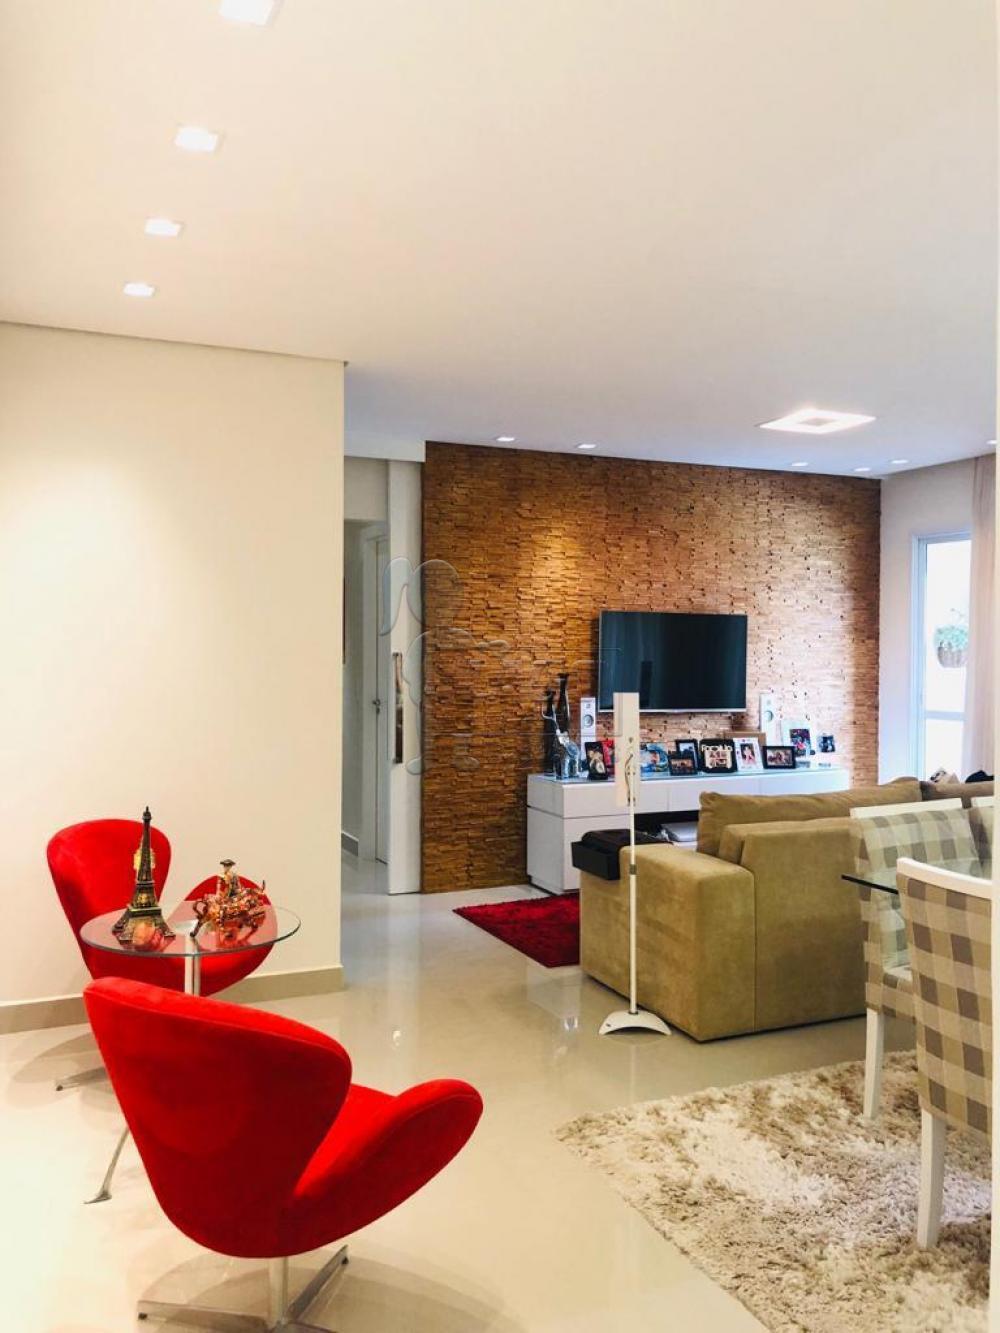 Ribeirao Preto Apartamento Venda R$470.000,00 Condominio R$550,00 2 Dormitorios 1 Suite Area construida 84.24m2